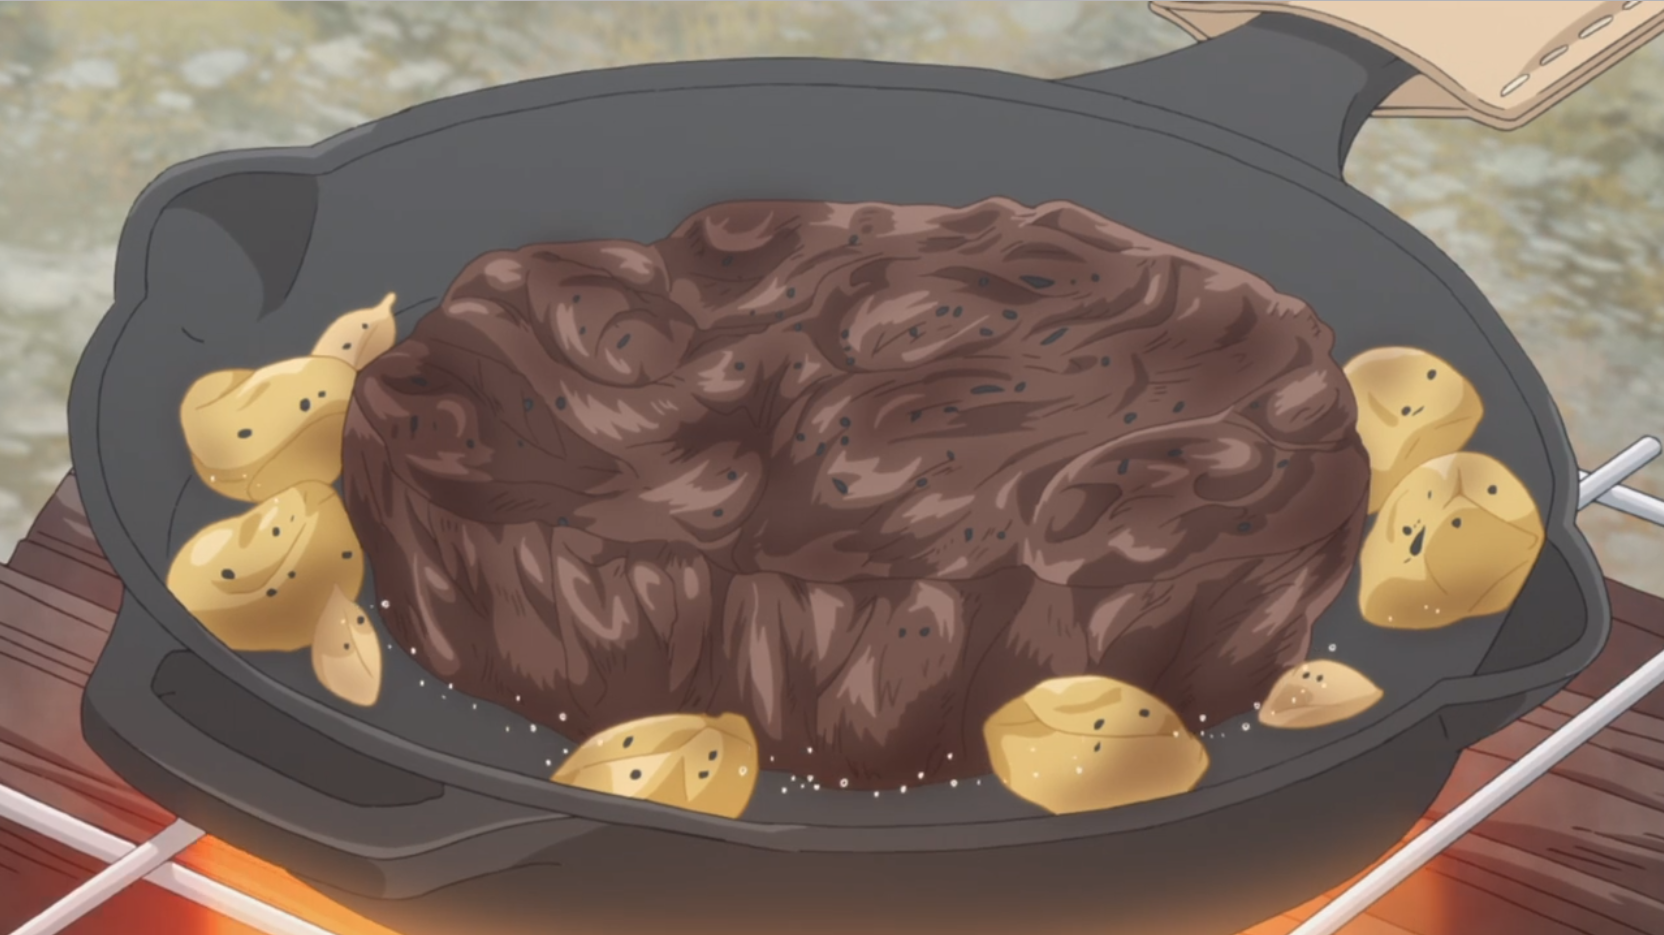 アニメ『ゆるキャン△』6話でダンディな老人がステーキを好きレットで焼くシーン